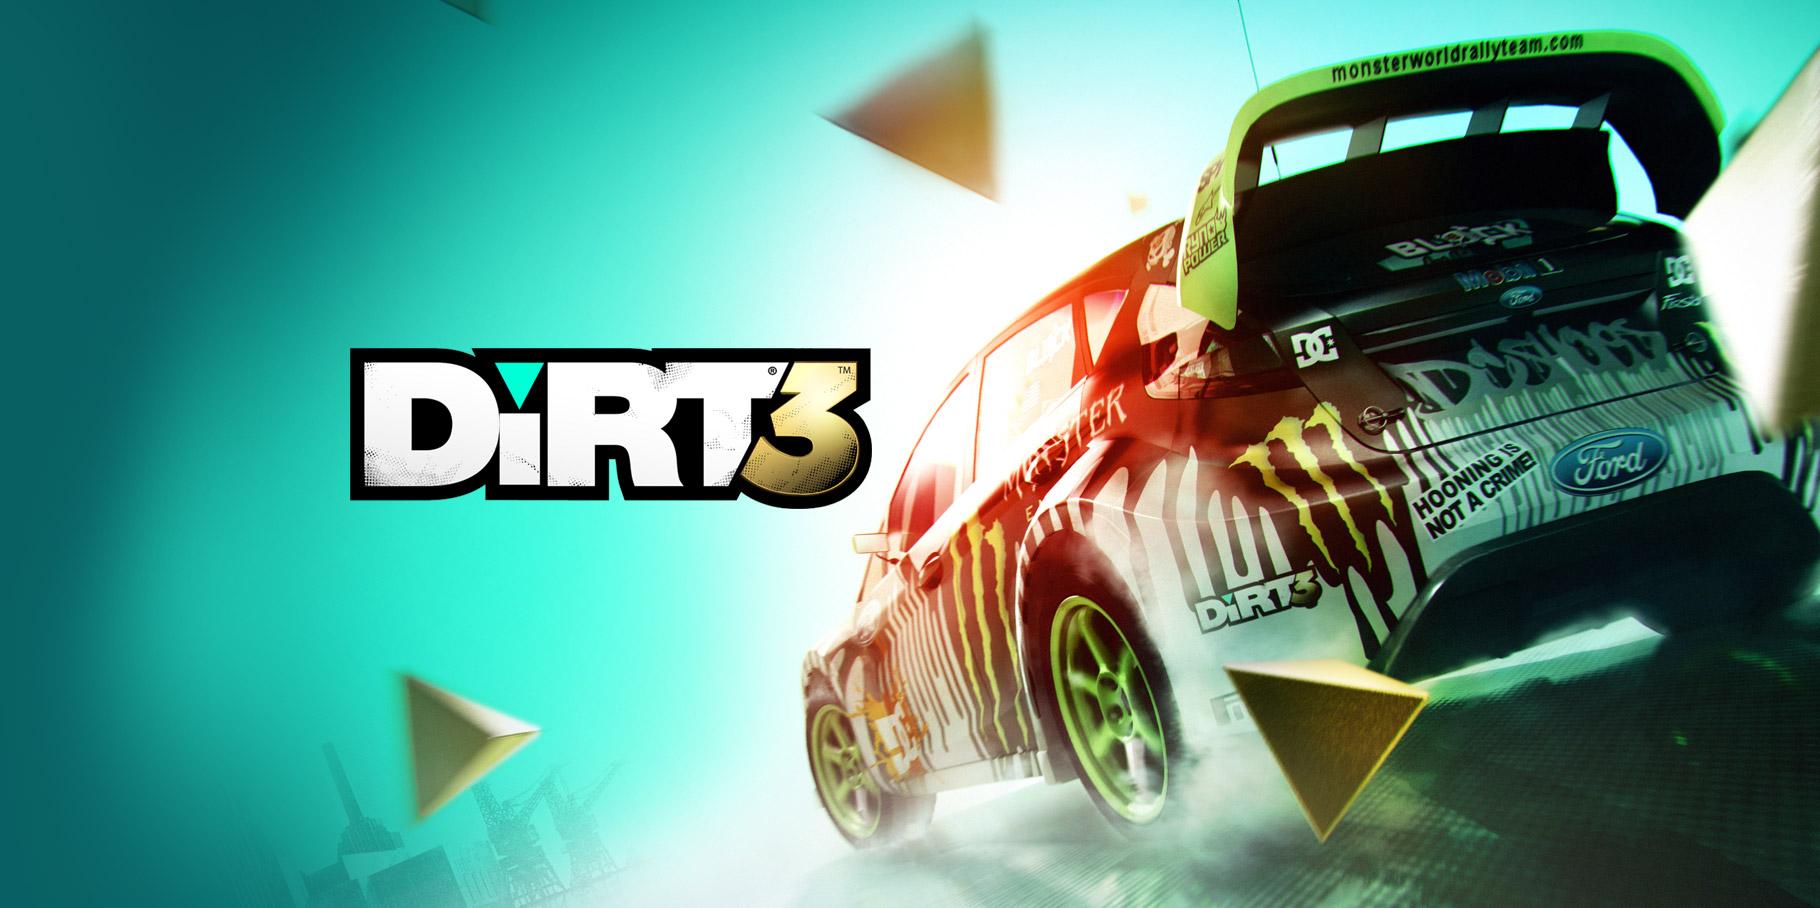 DiRT 3 Free Download